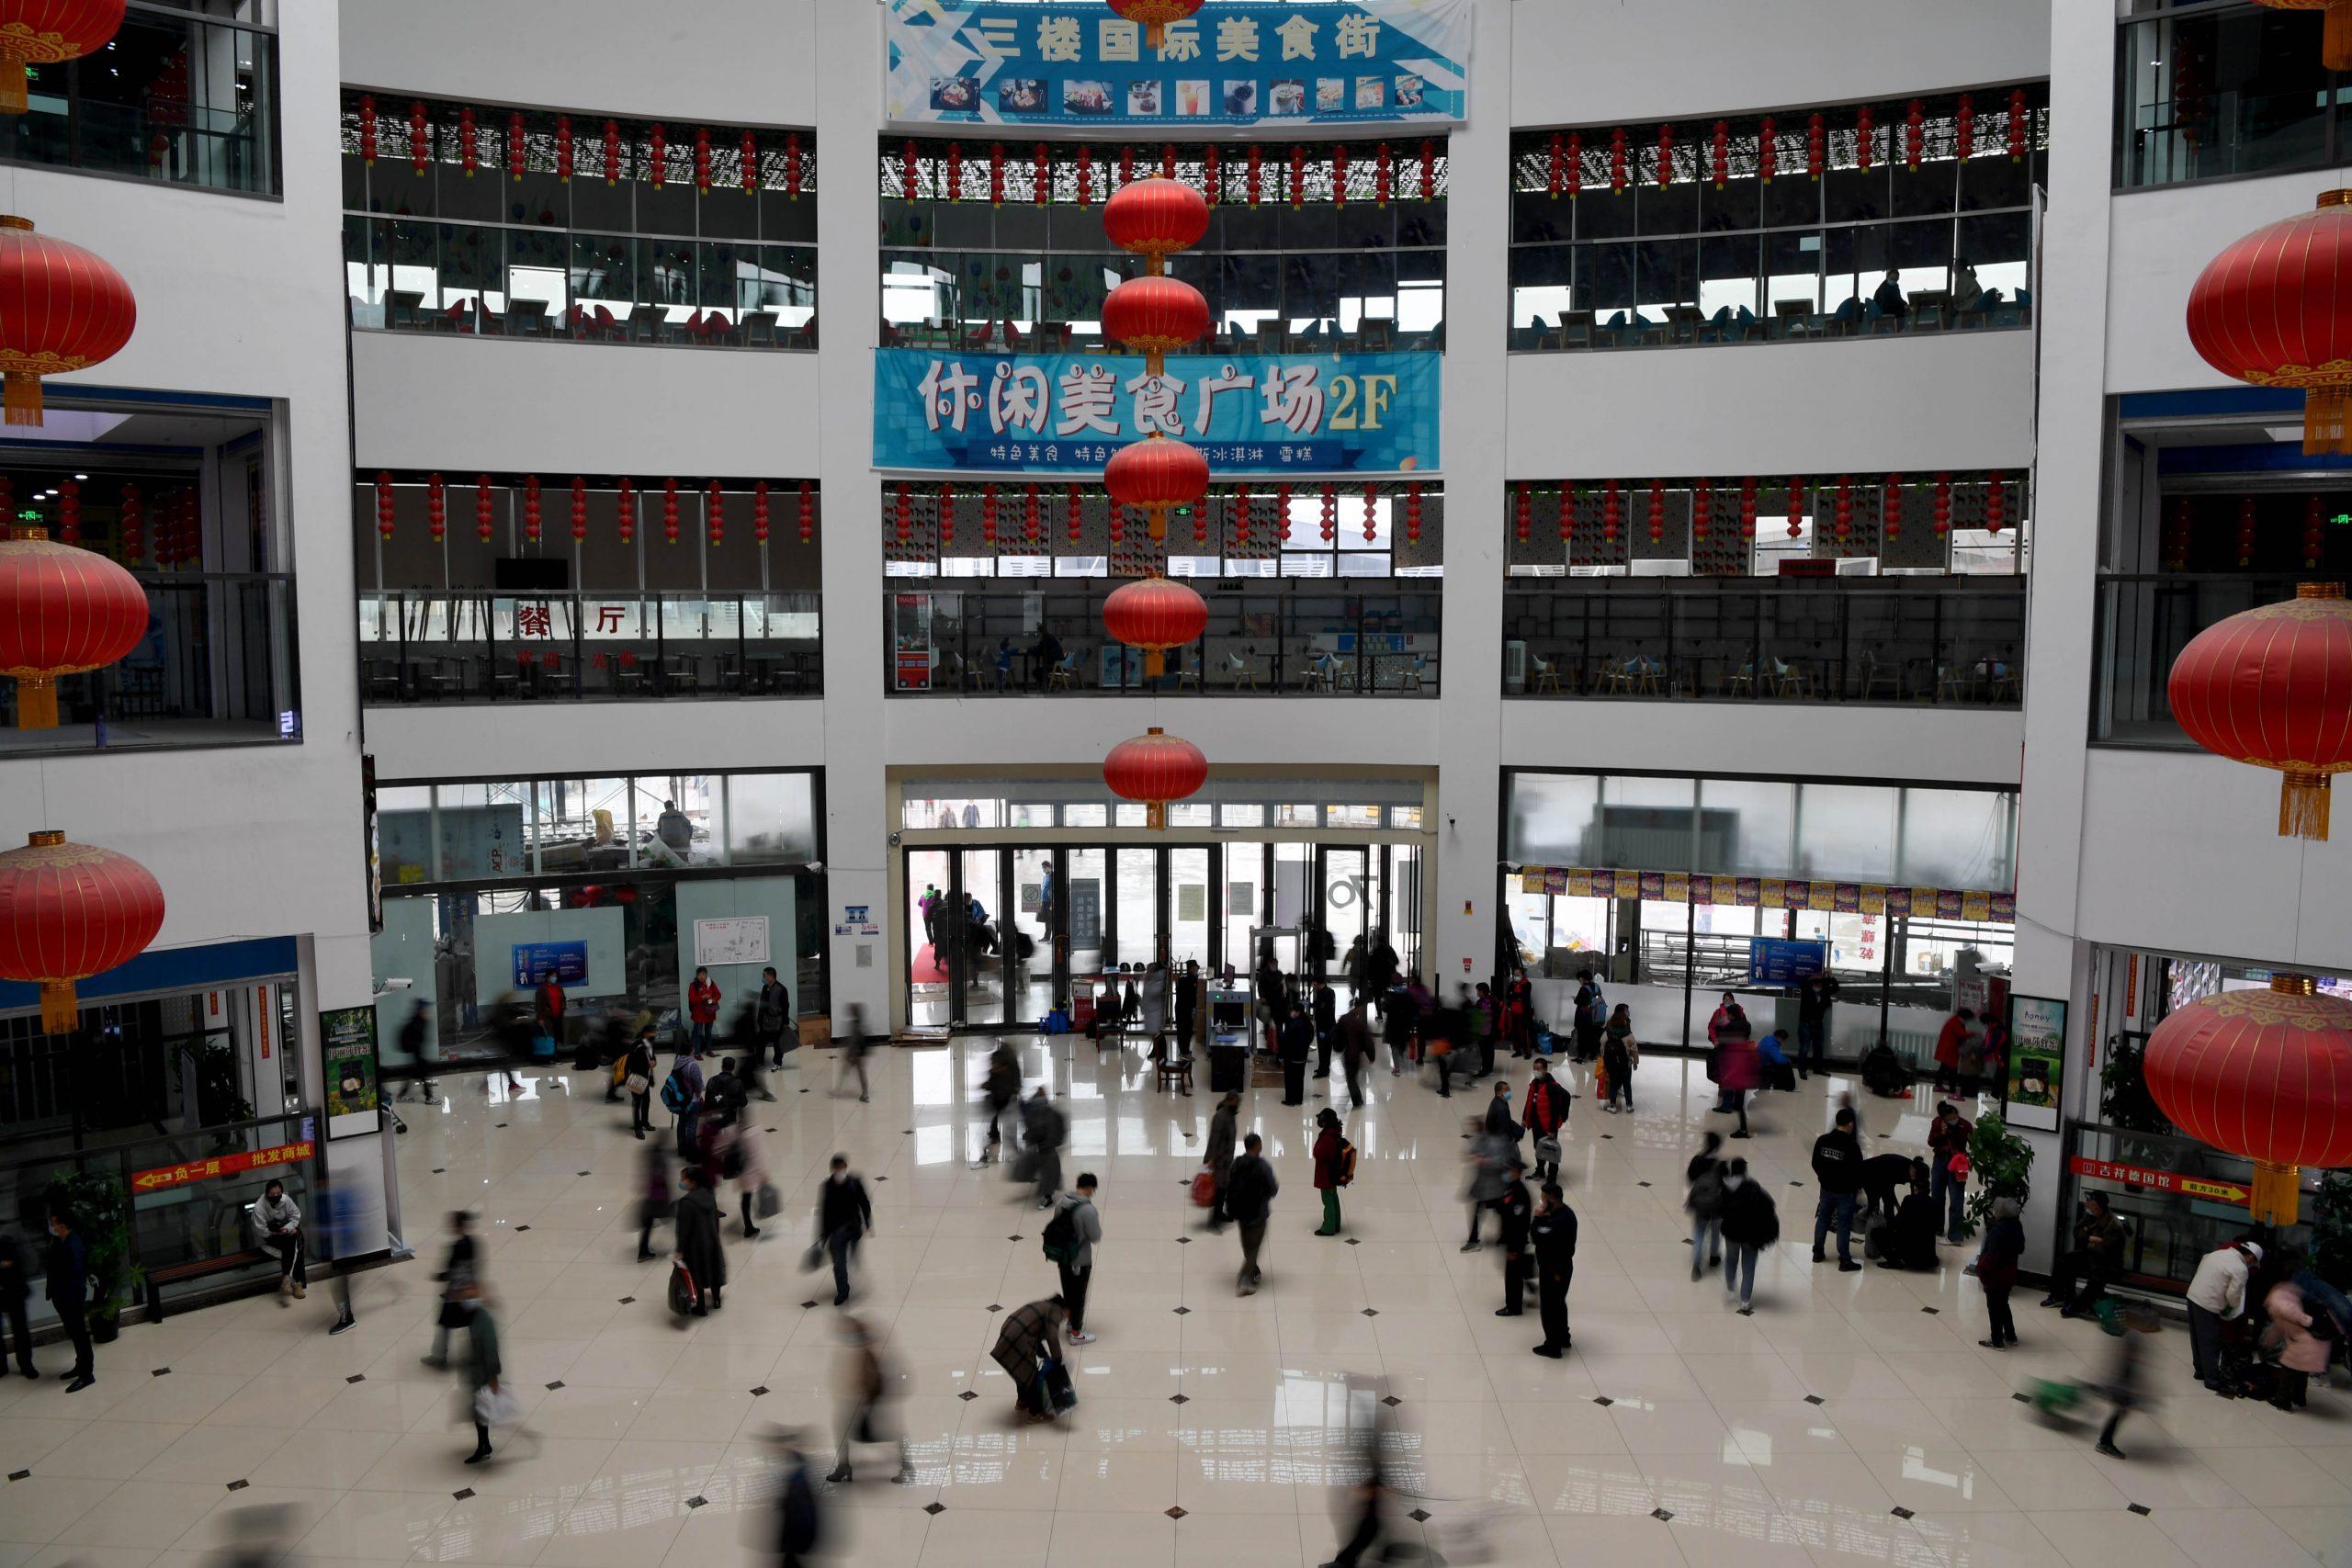 Xinjiang de China ofrece subsidios en electrodomésticos para impulsar consumo